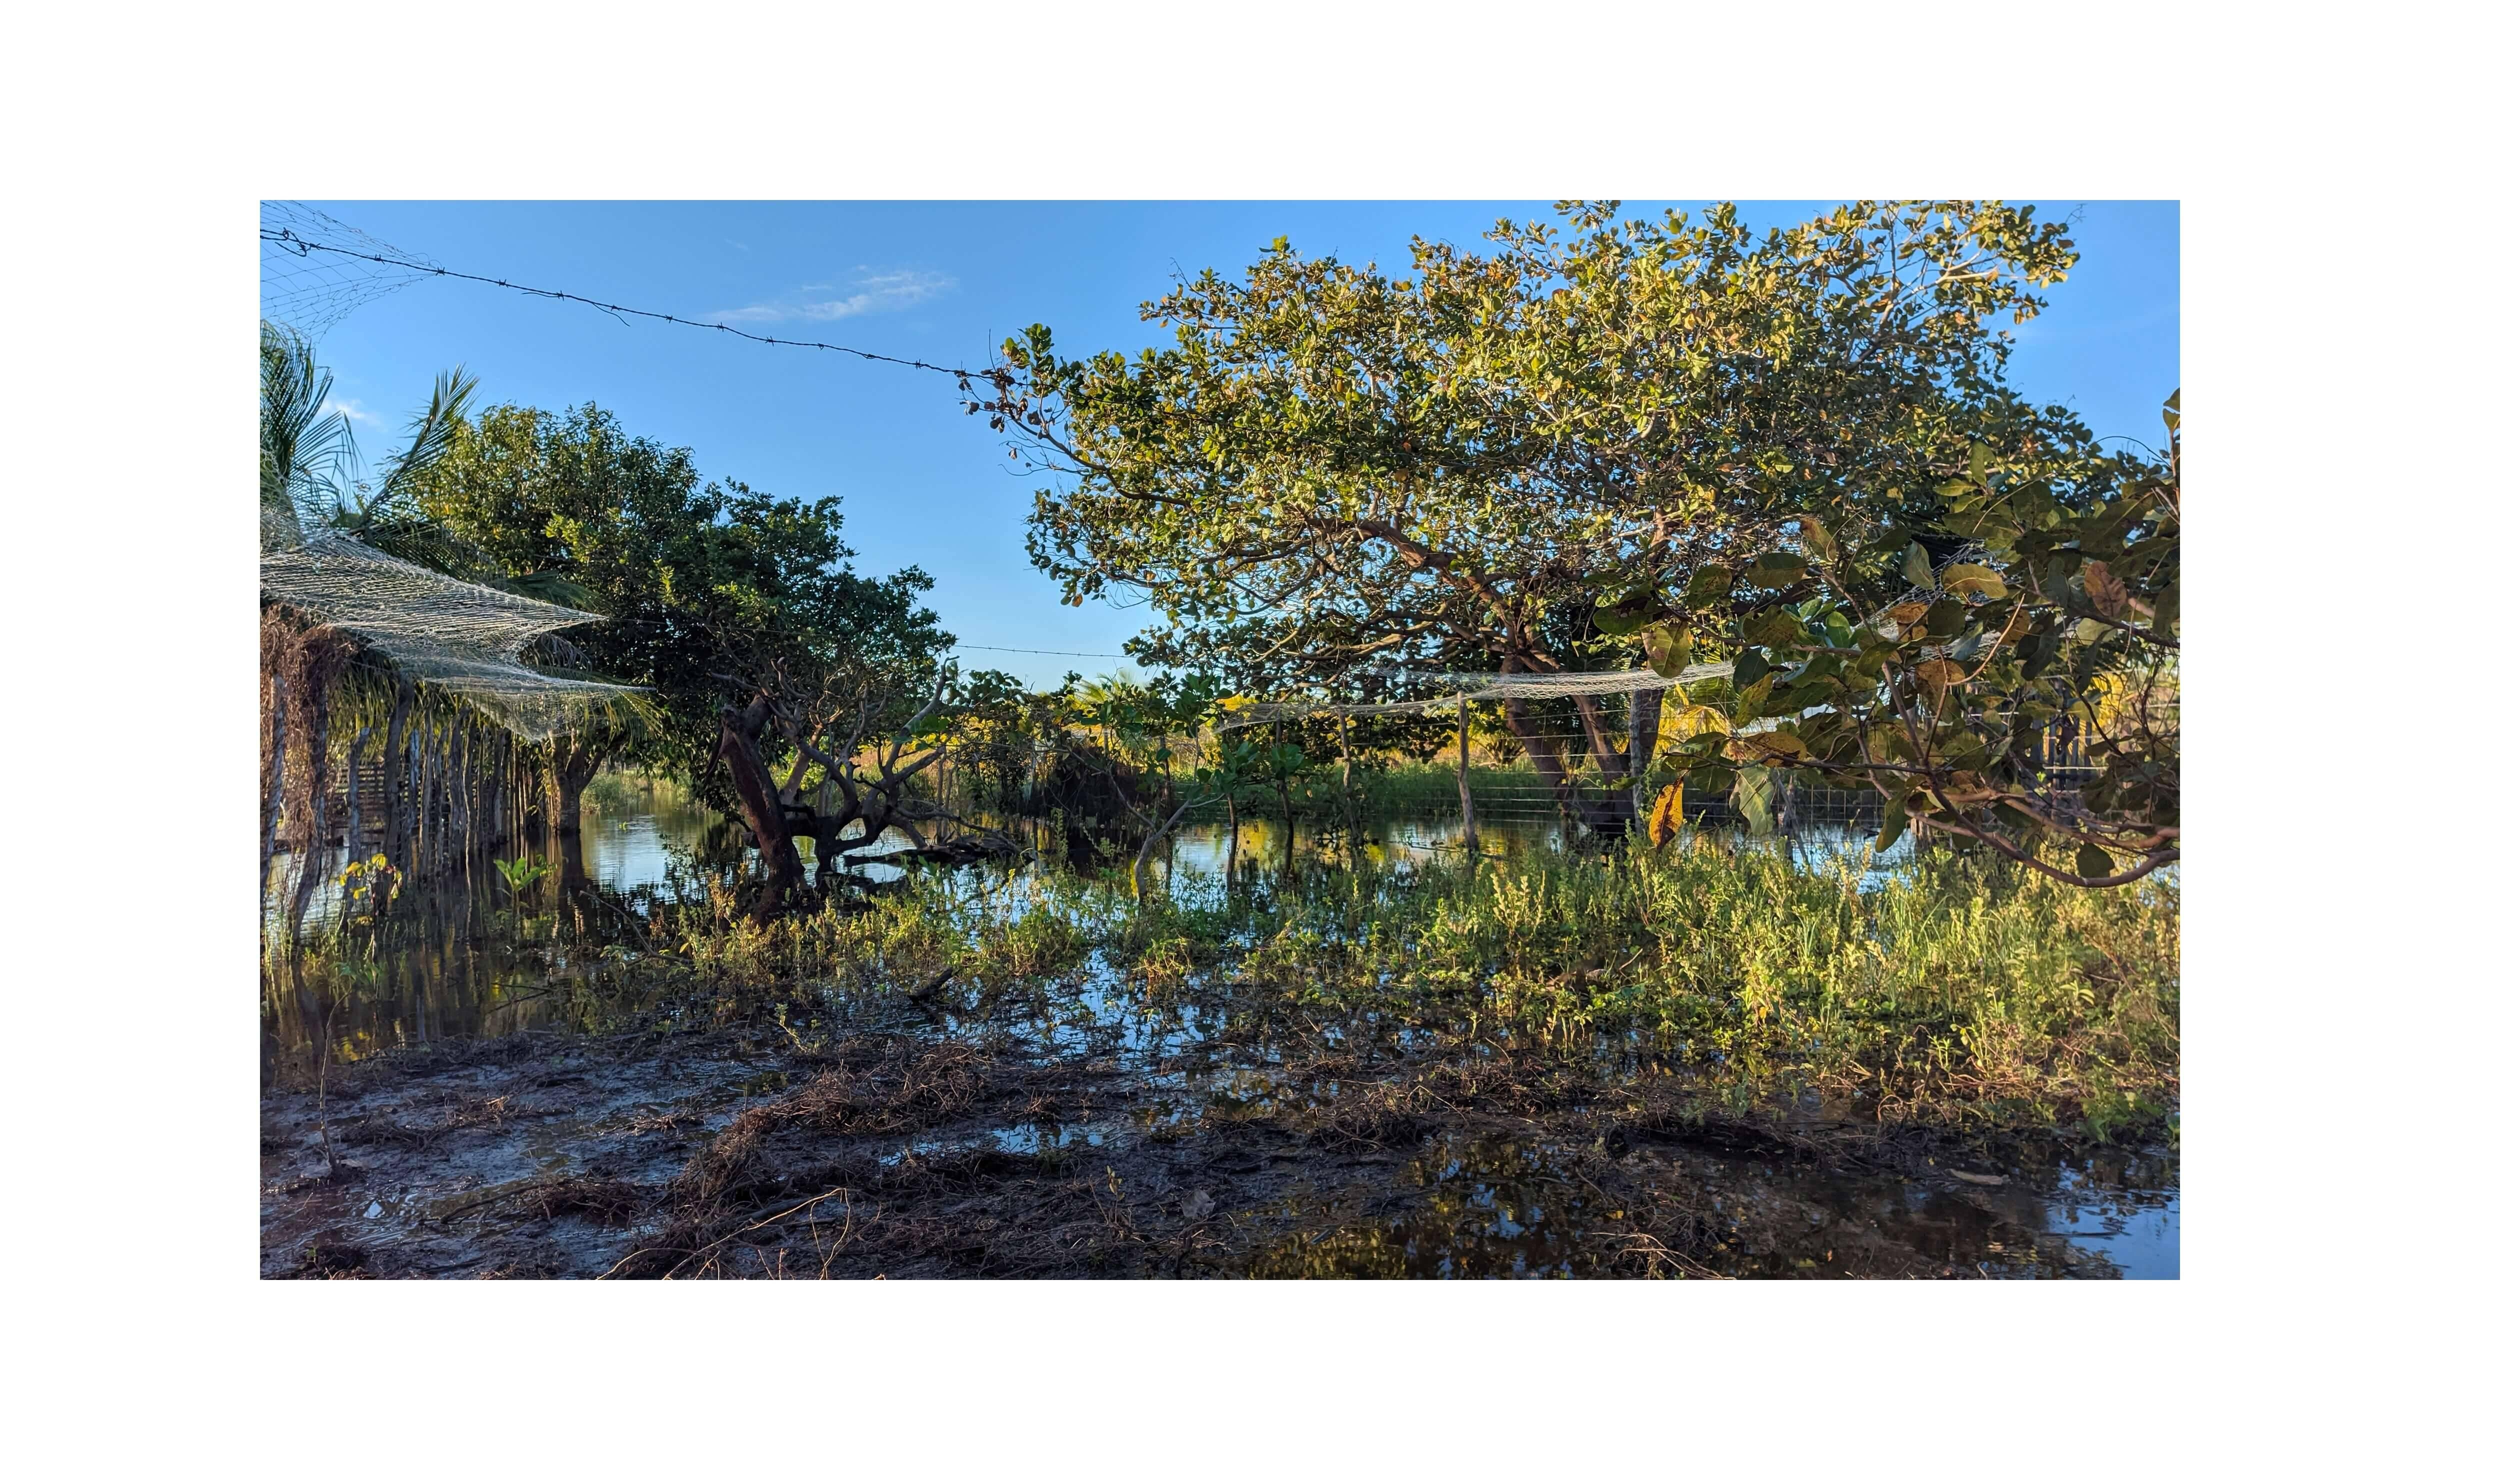 Paraíso no quintal, por Matheus Henrique Barros Ferreira. Foto: Matheus Henrique Barros Ferreira